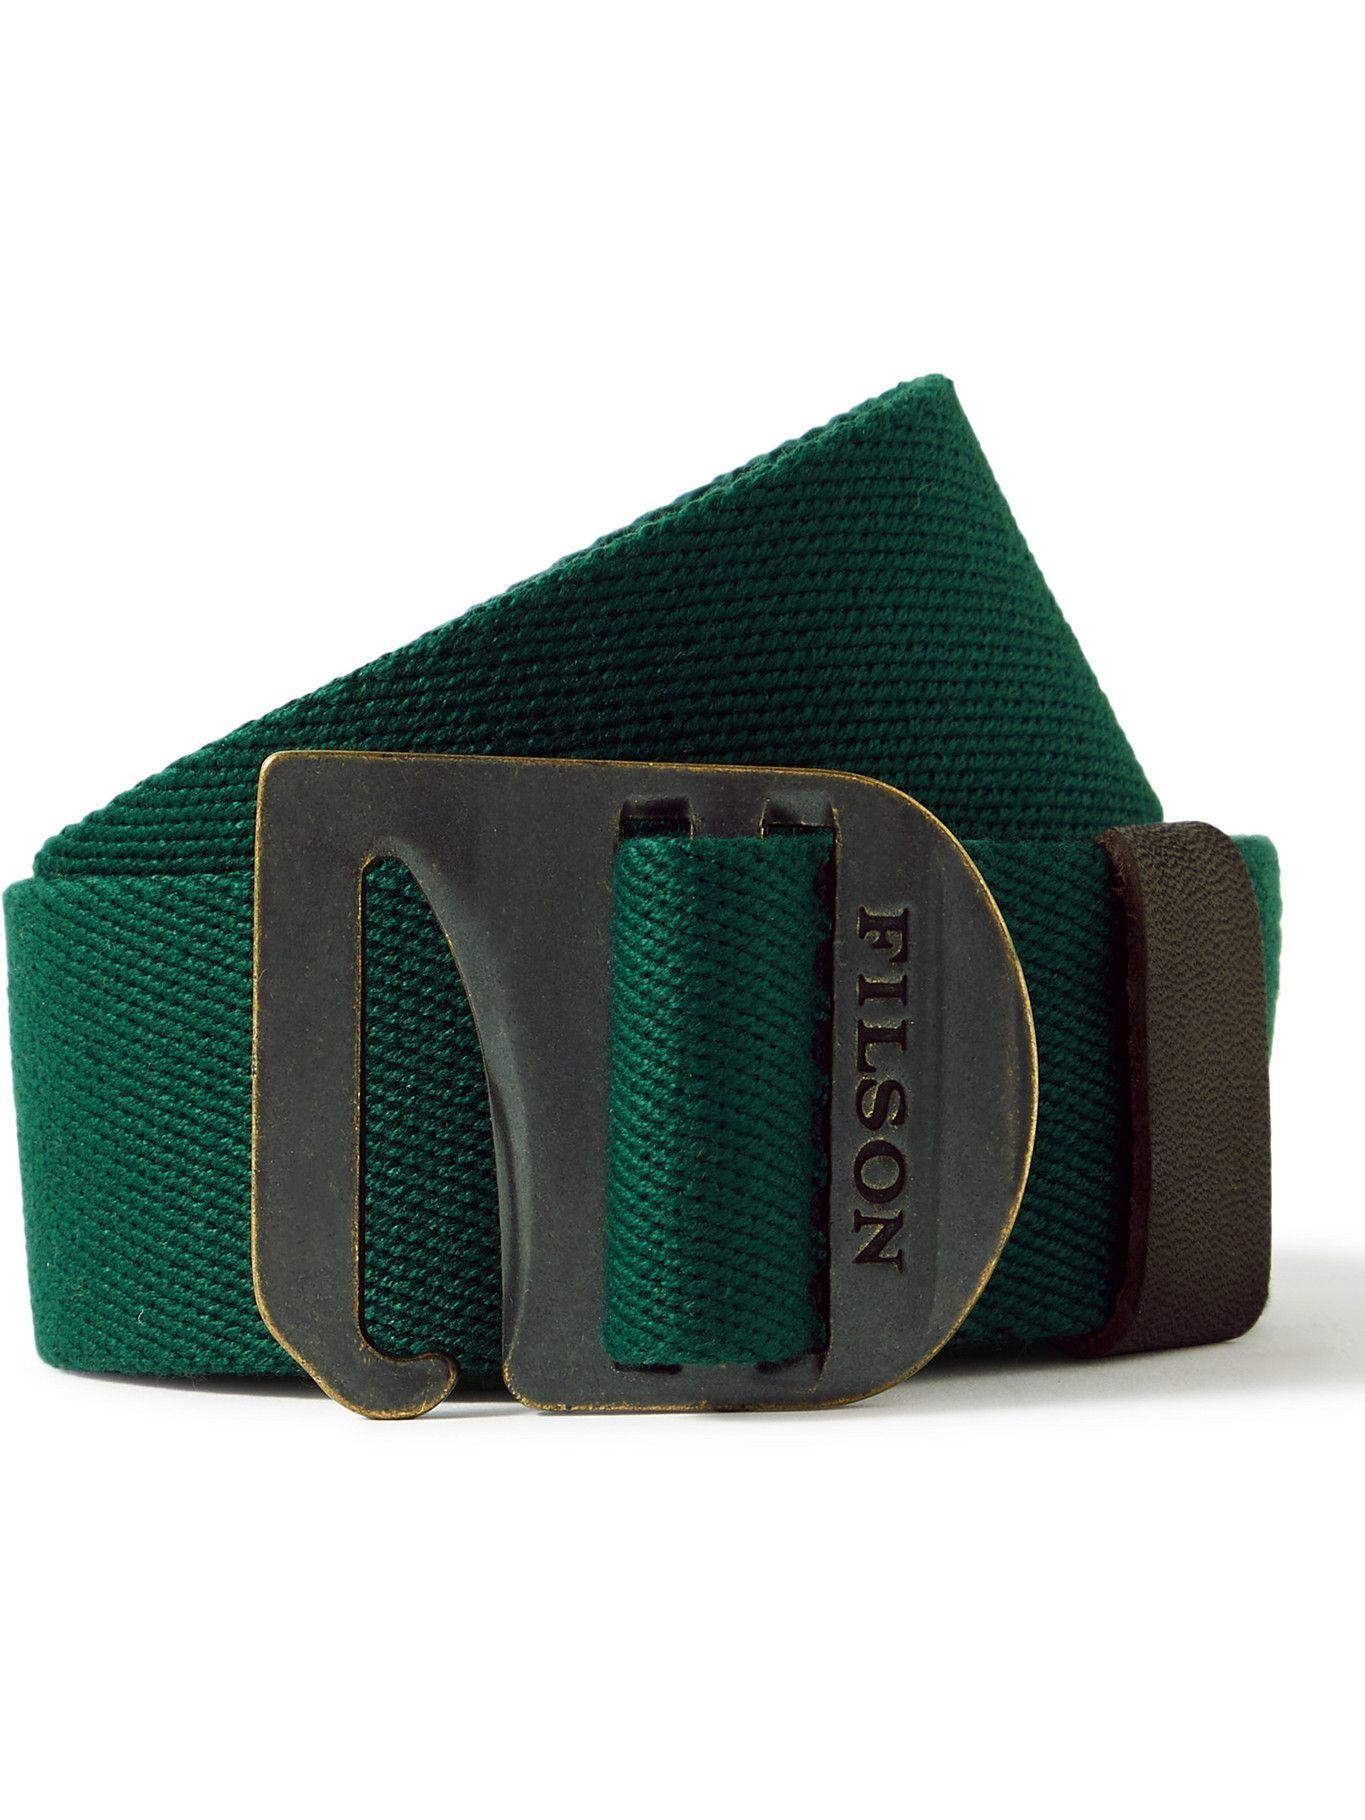 FILSON - Togiak 4cm Leather-Trimmed Webbing Belt